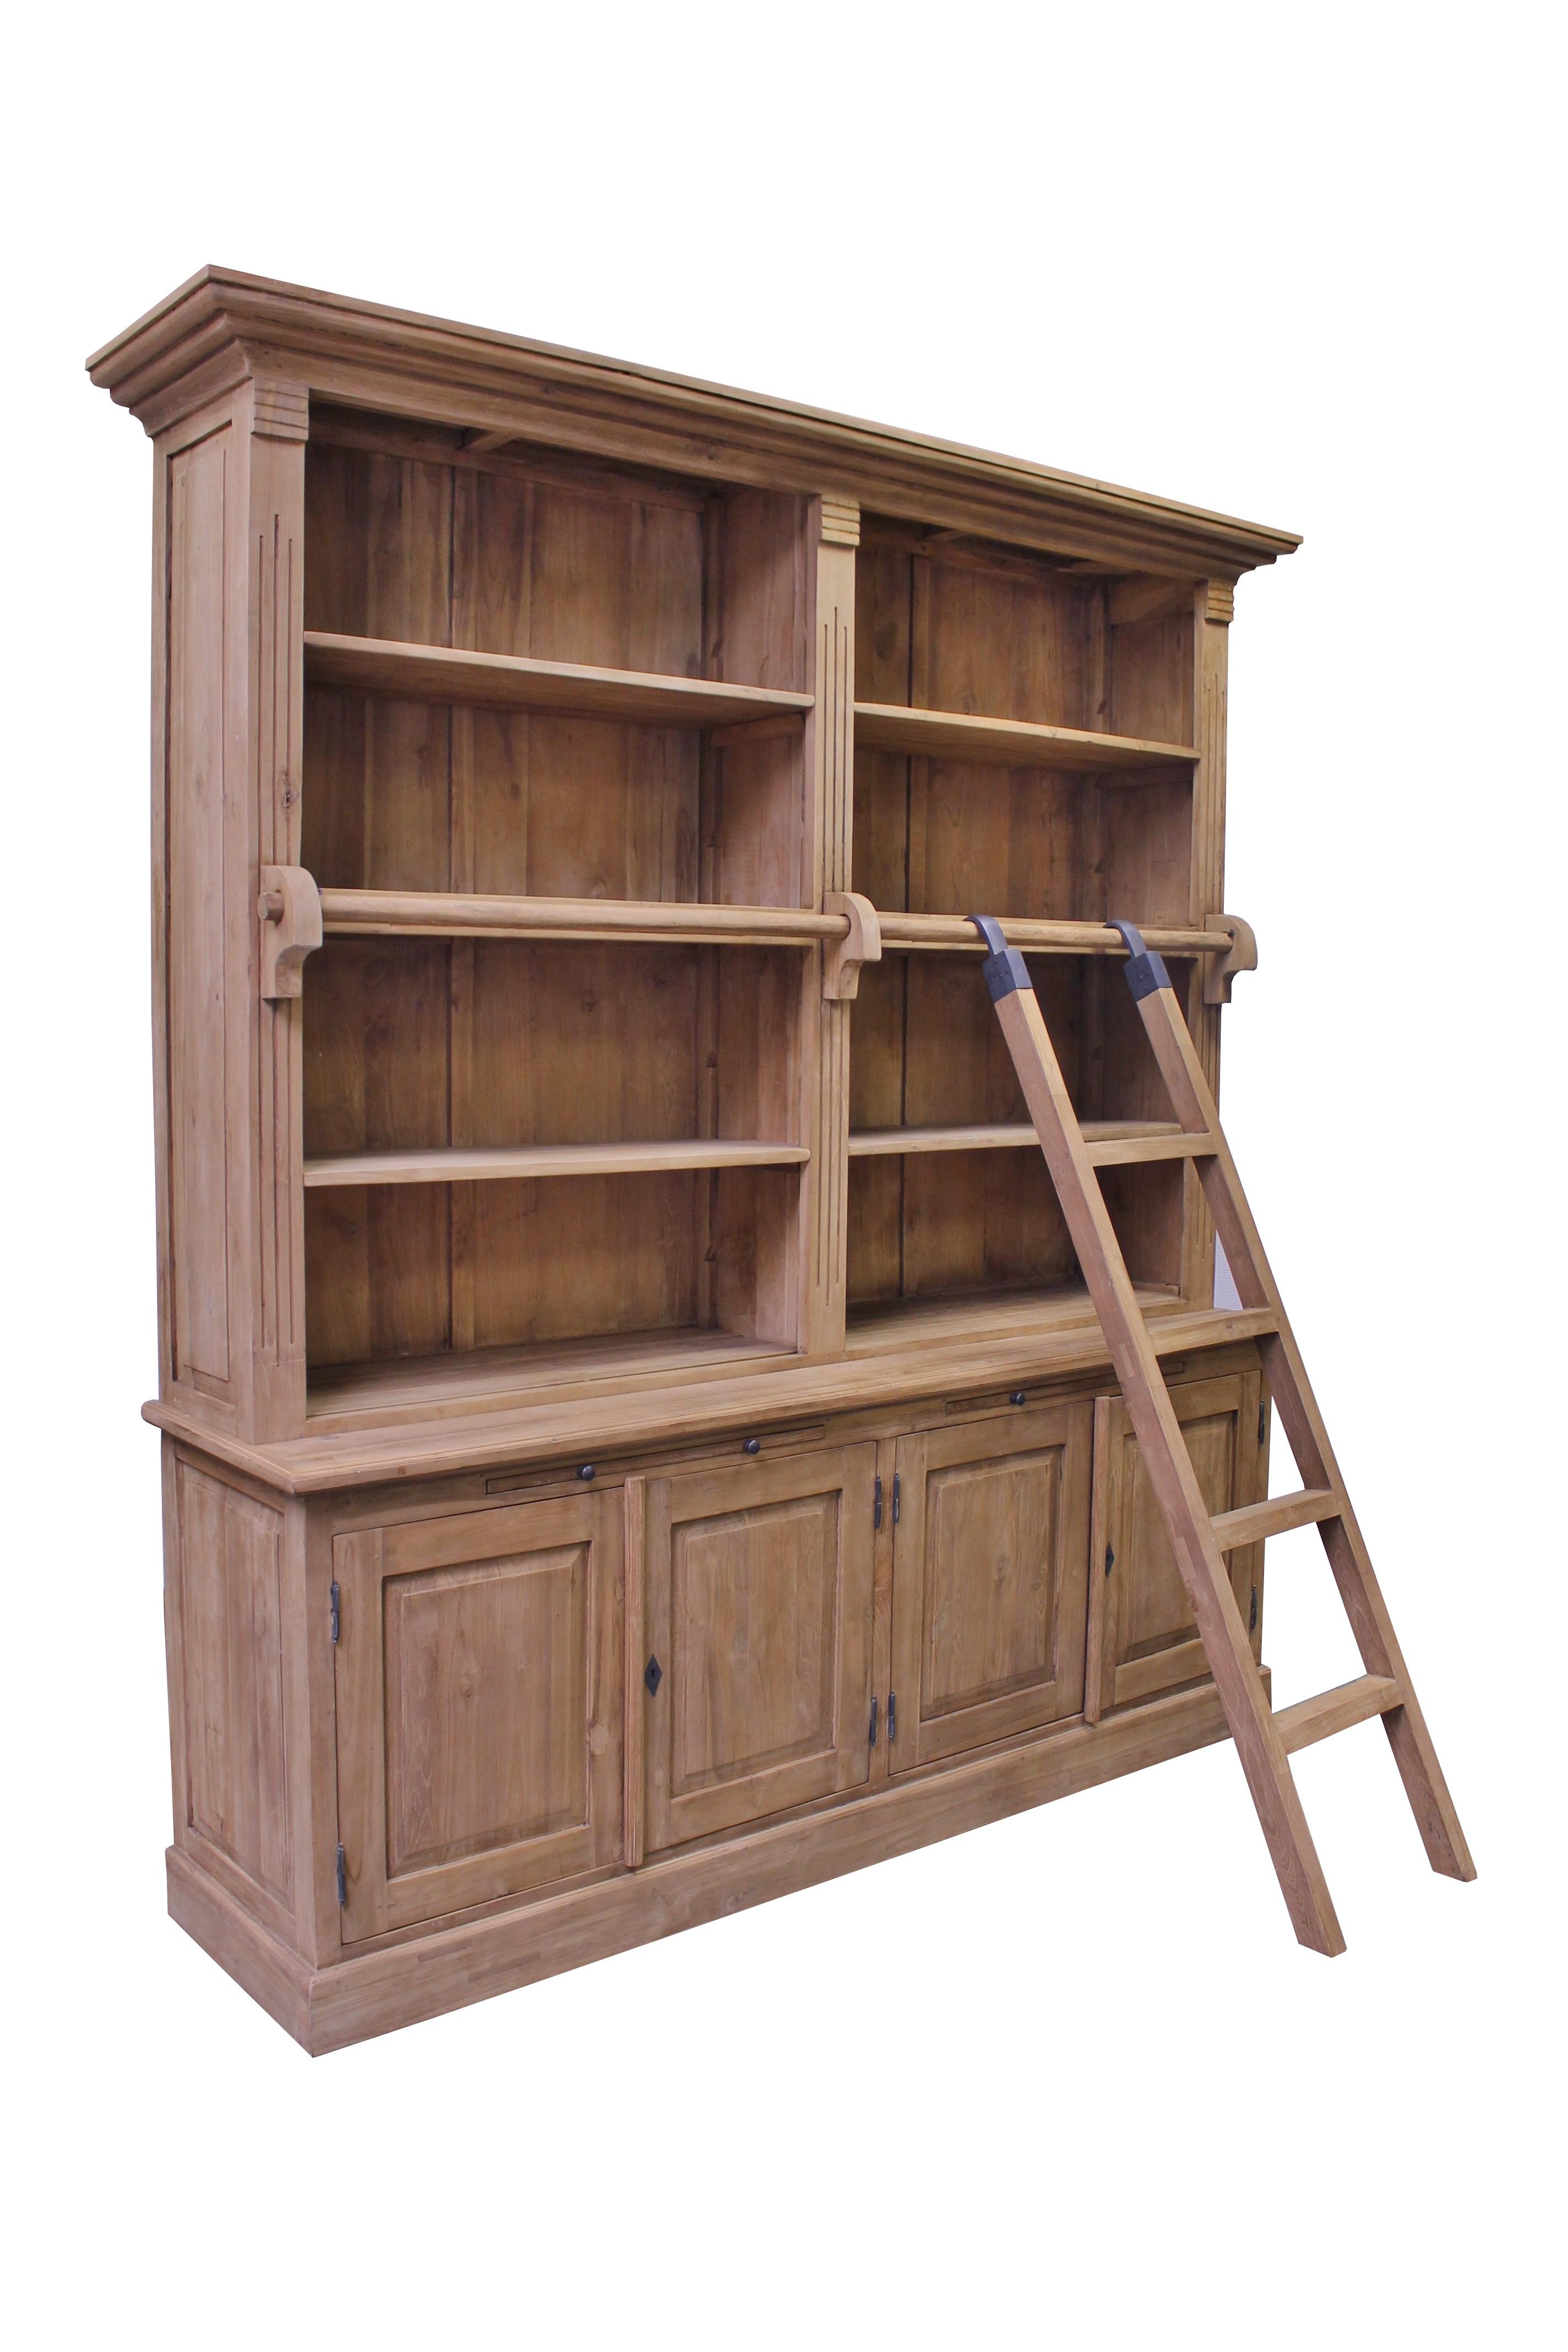 Teak Bibliothek Bücherregal SE38-2S Regal mit Leiter